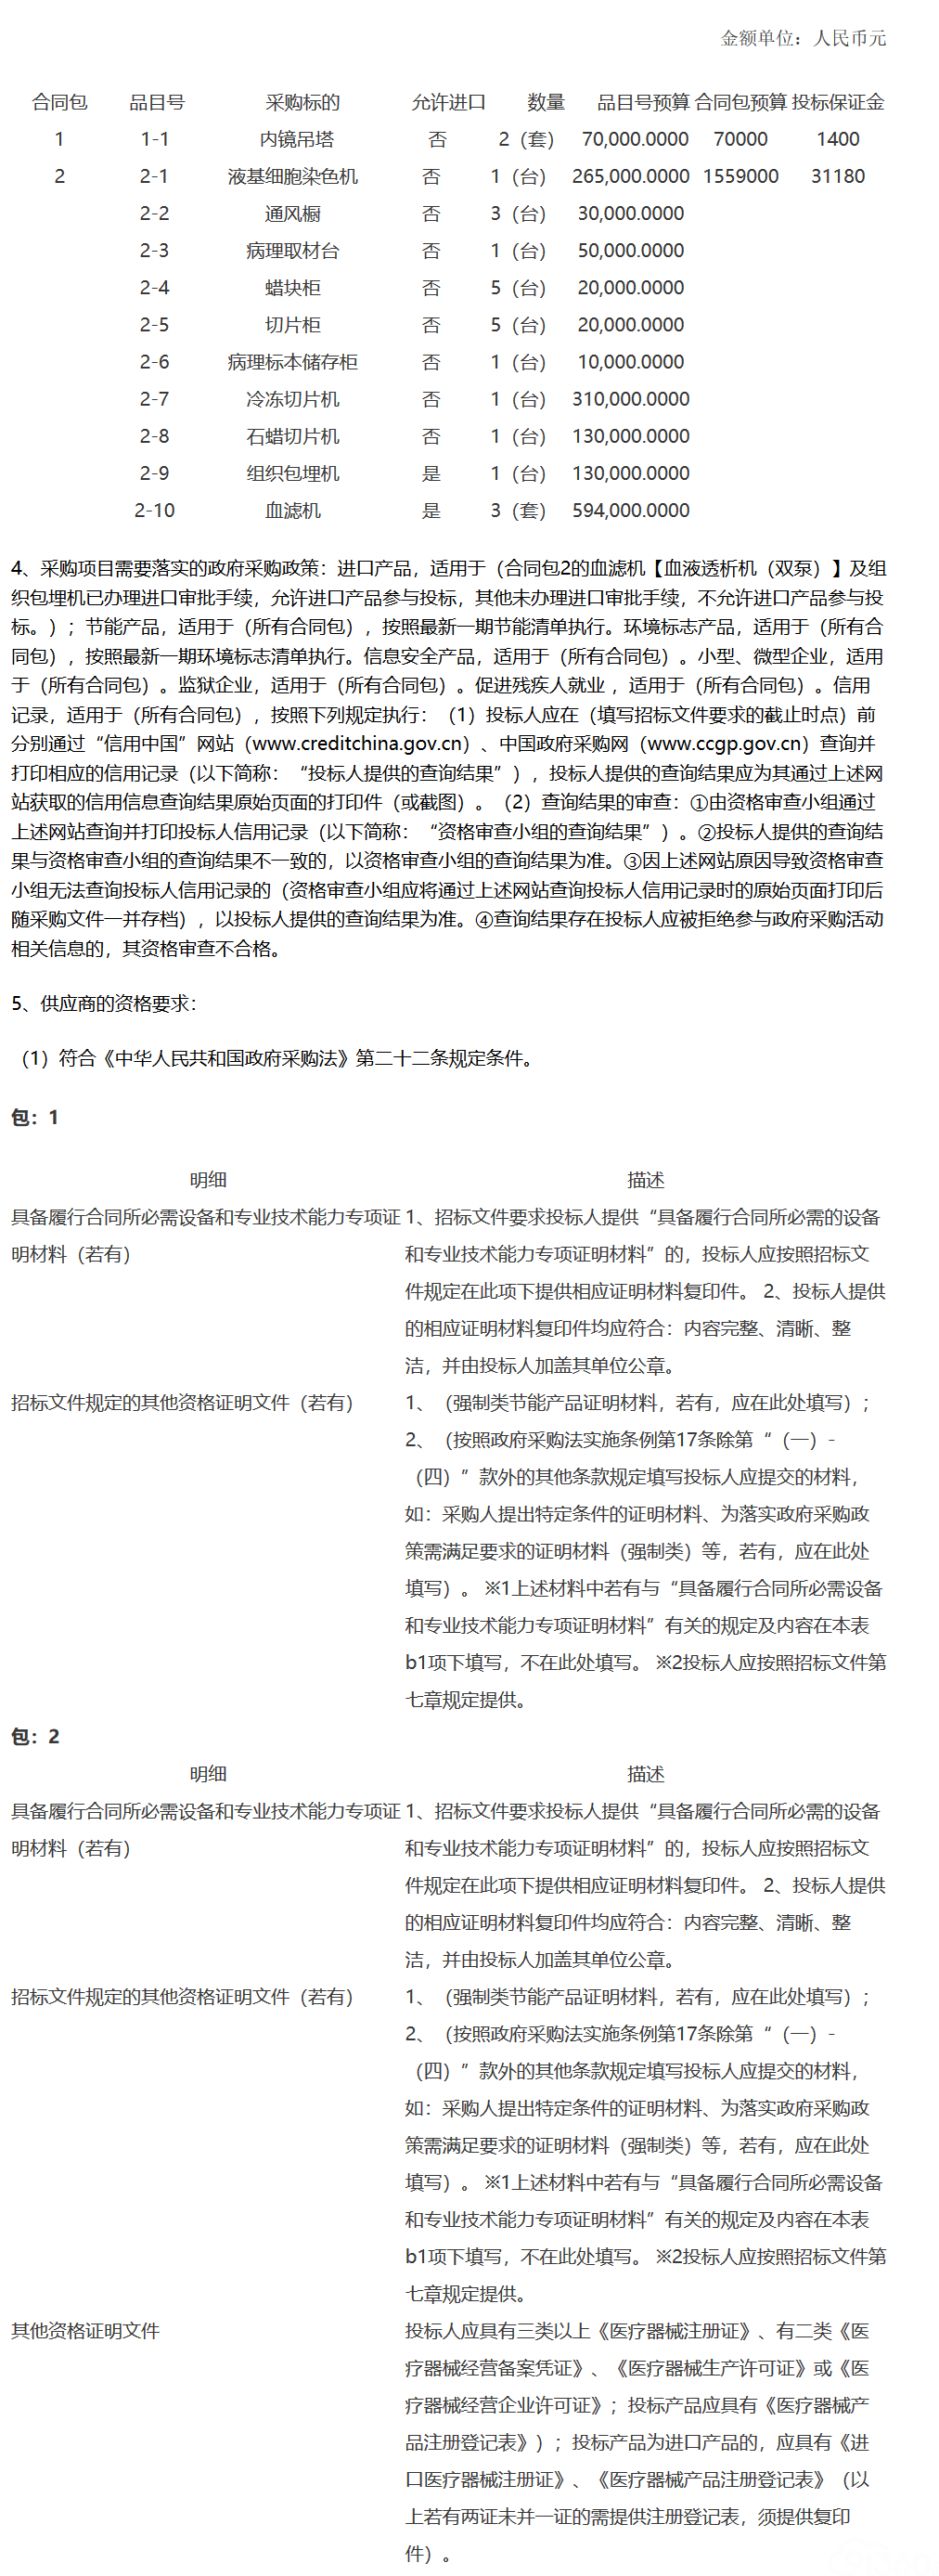 惠安县医院医疗设备货物类采购项目招标公告